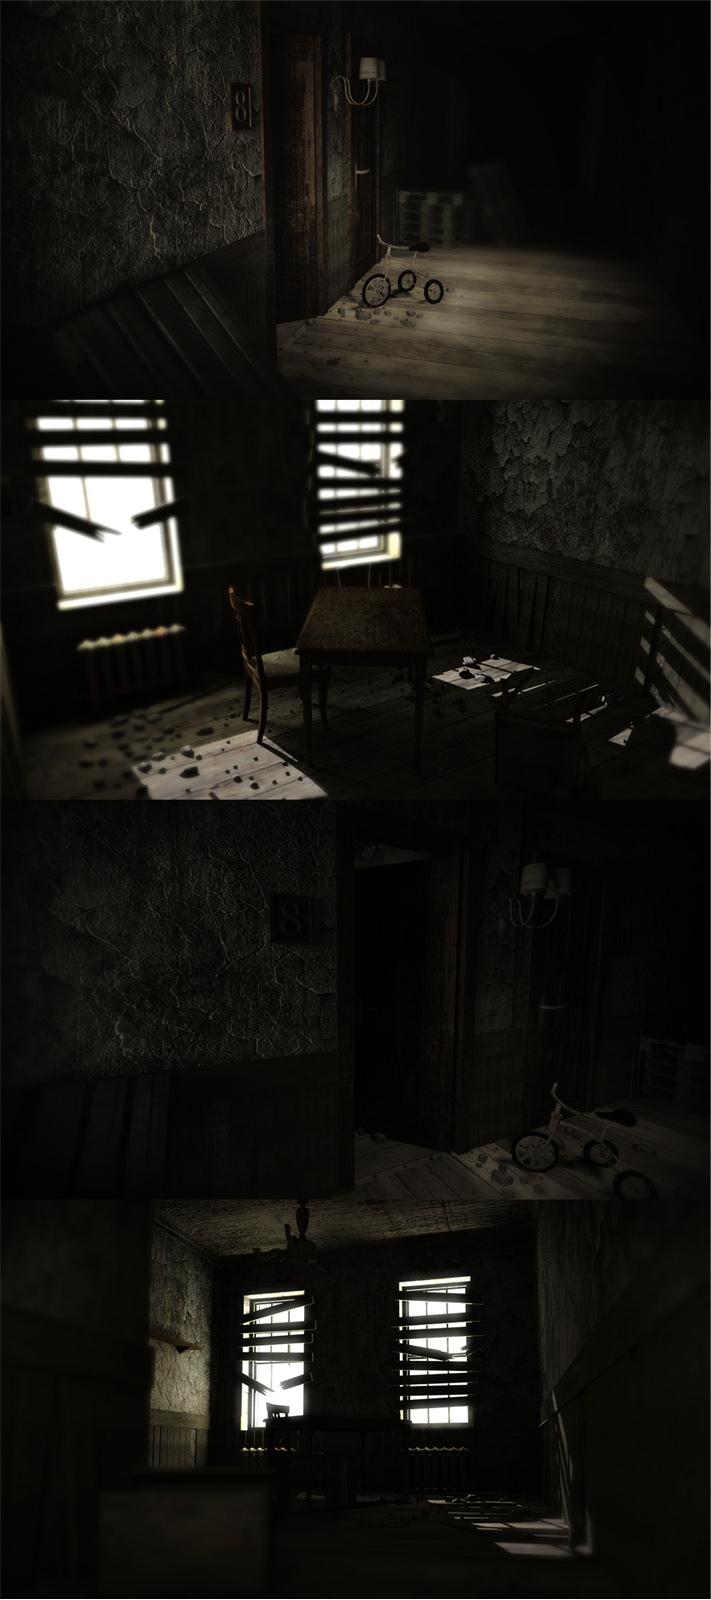 Shano the room 1 d0a34034 8vzn